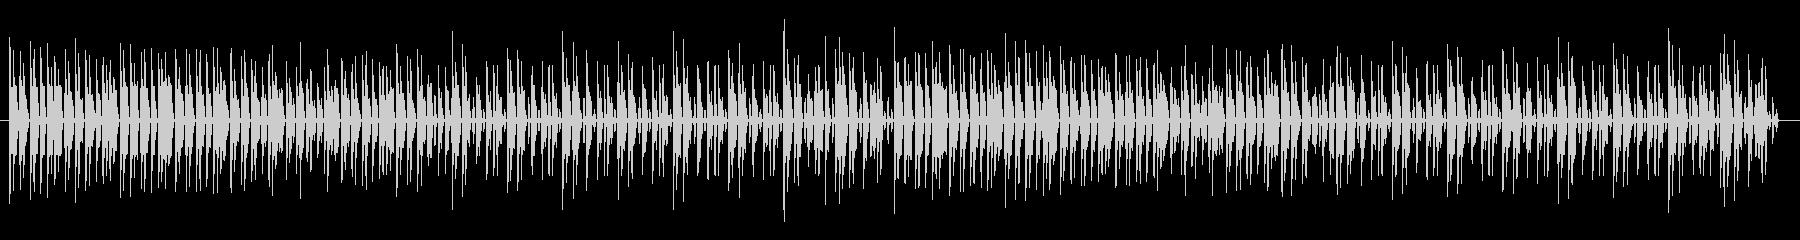 ゆったりとしたリズムでのエレピ曲の未再生の波形